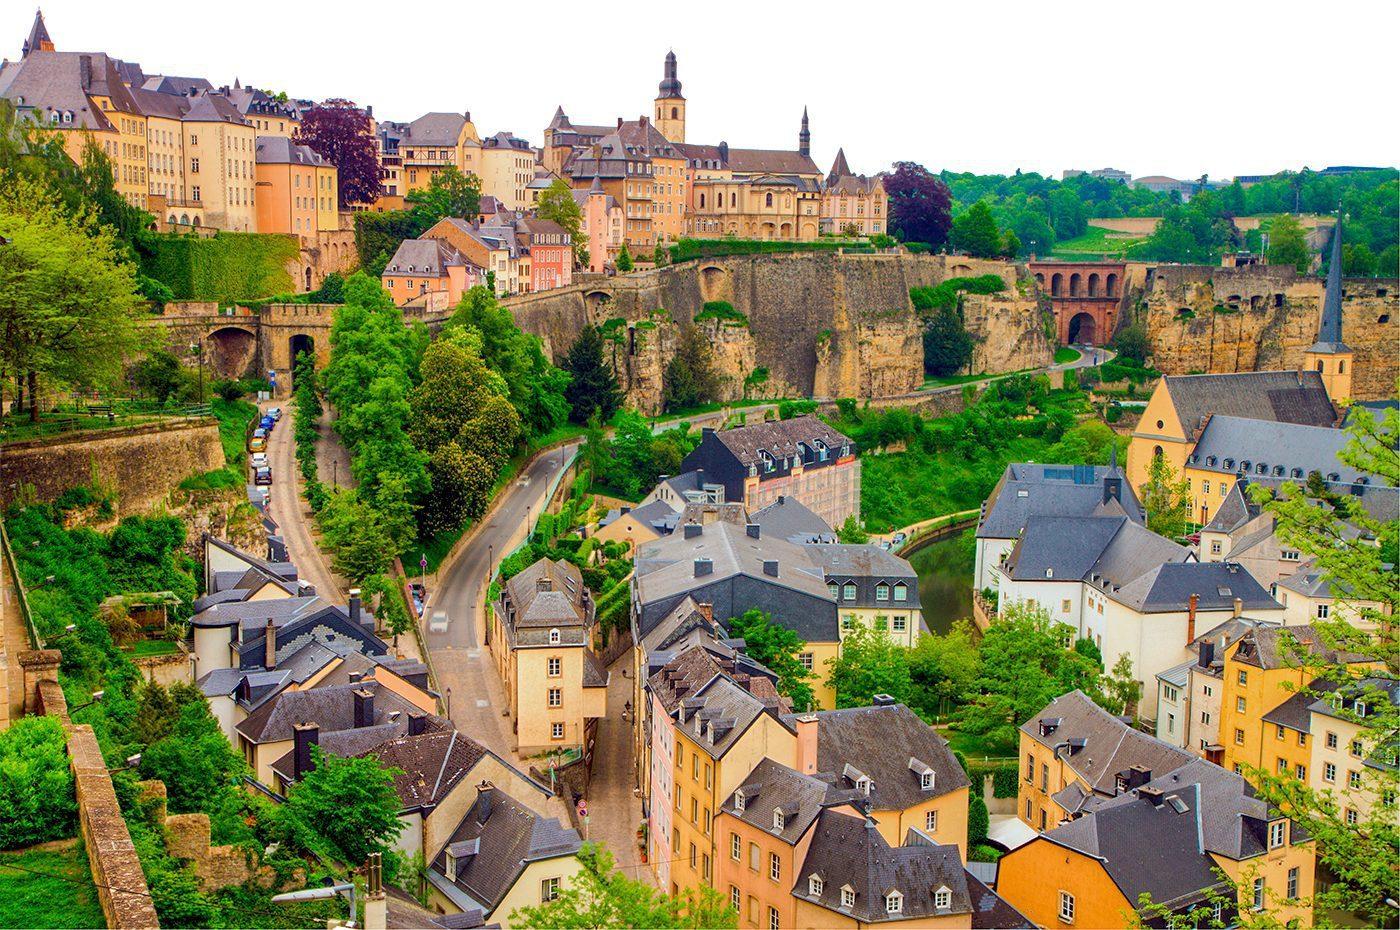 Λουξεμβούργο: Ο απόλυτος ταξιδιωτικός οδηγός